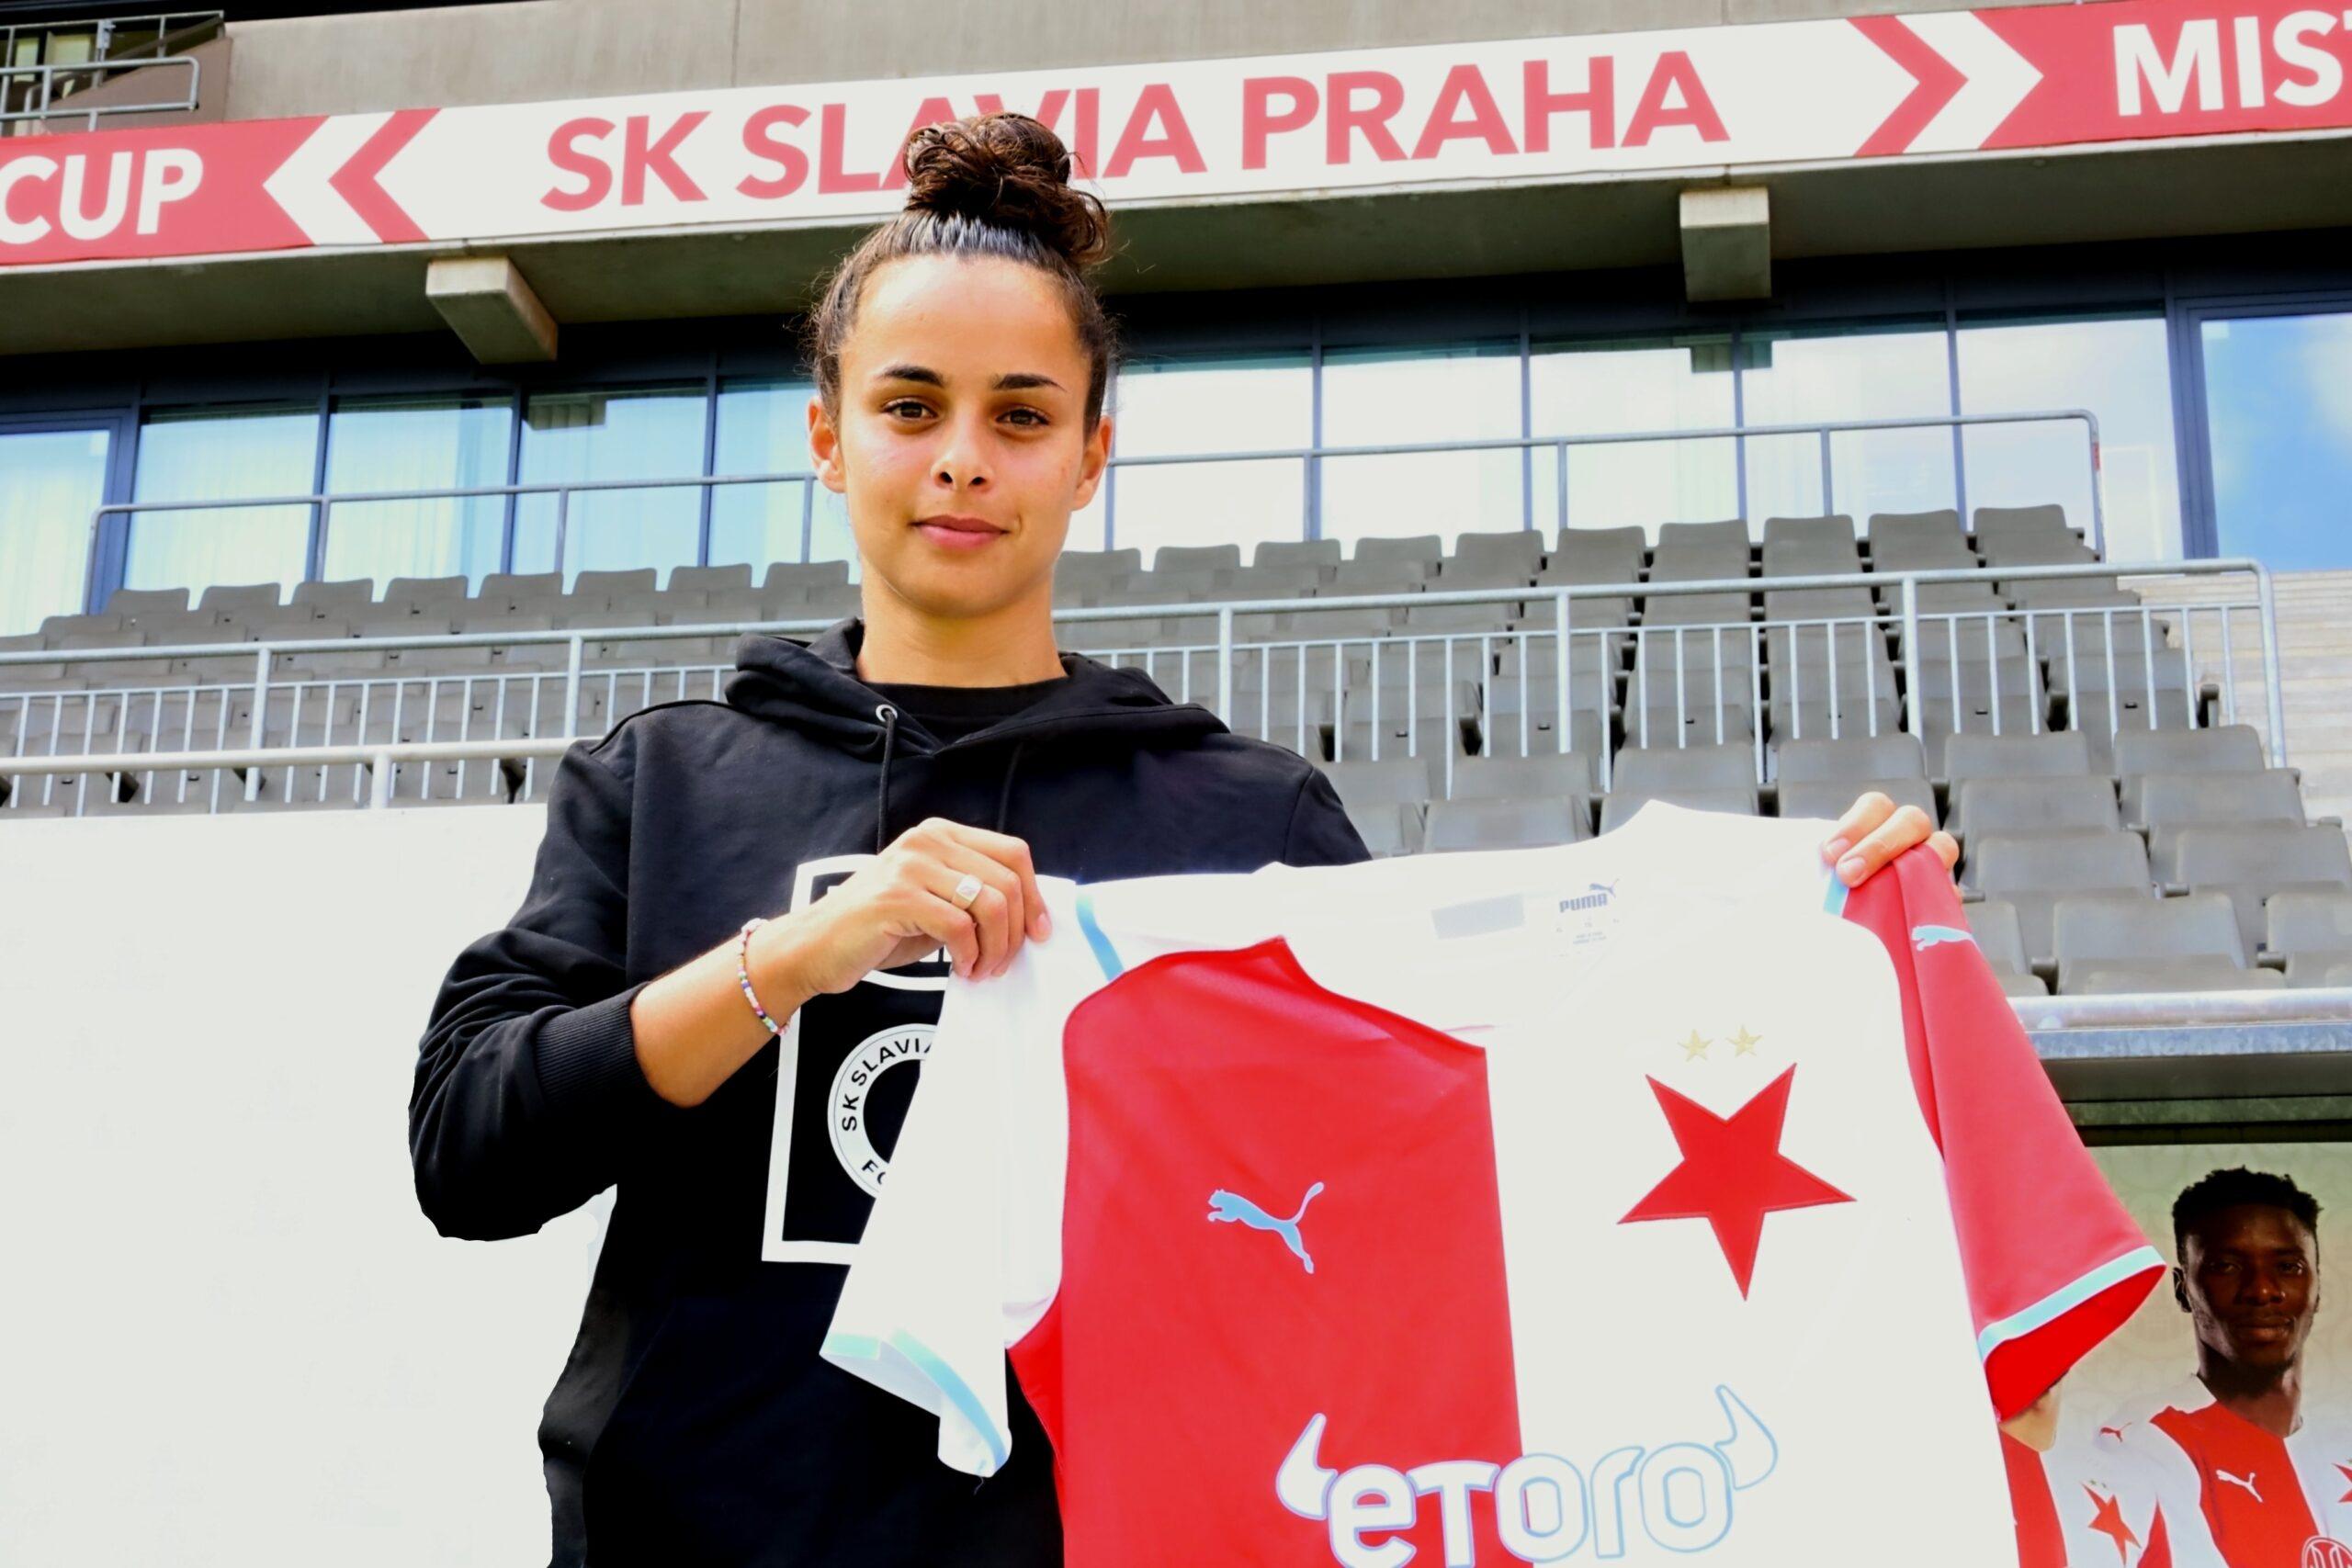 لاعبة نسور قرطاج شيرين اللمطي تمضي مع سلافيا براغ التشيكي